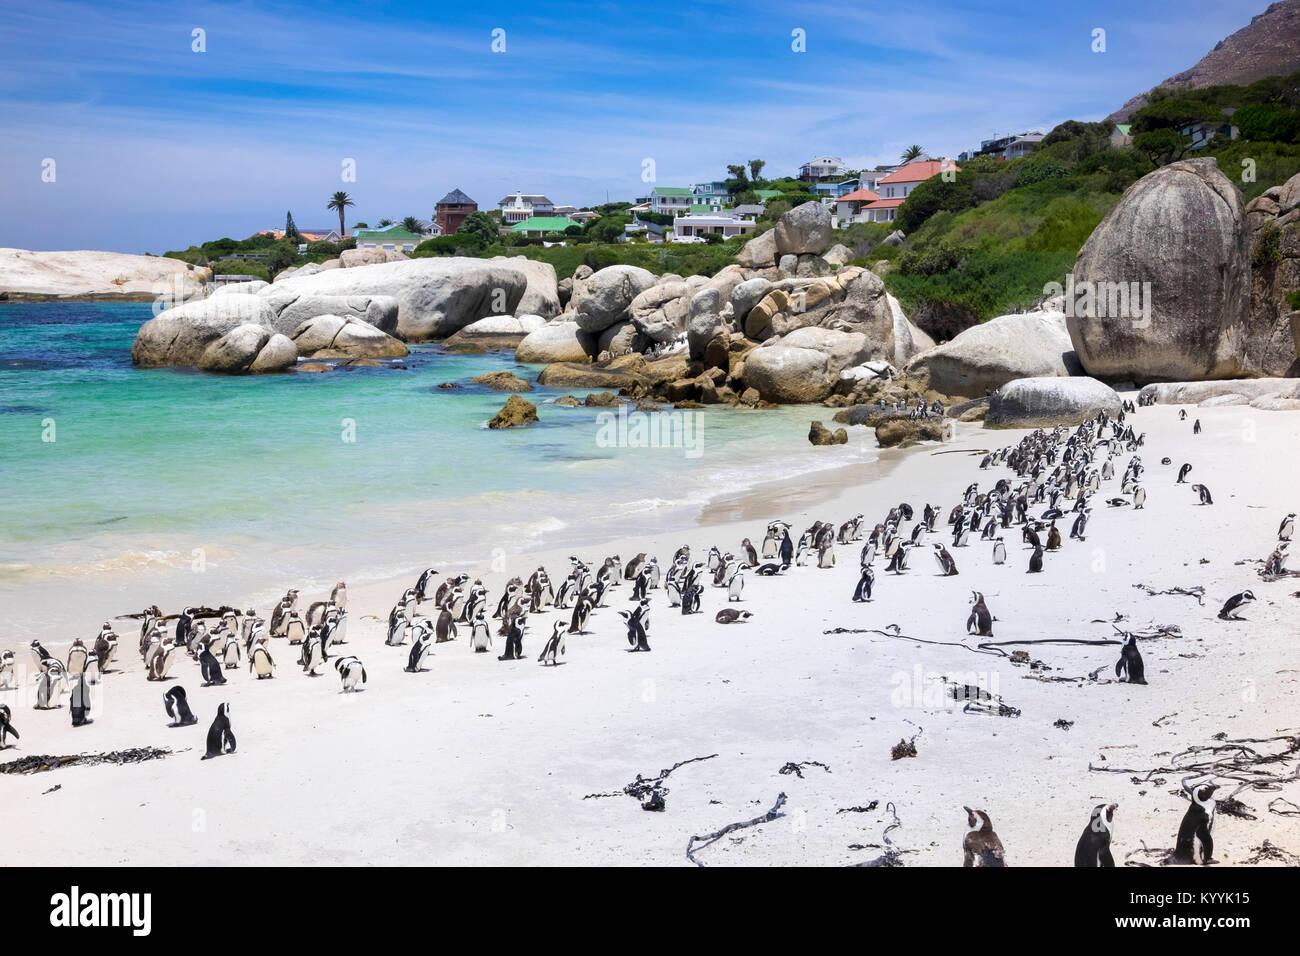 Colonie de pingouins de Boulders Bay Jackass africains pingouins à Boulders Beach, dans la province du Cap, Photo Stock